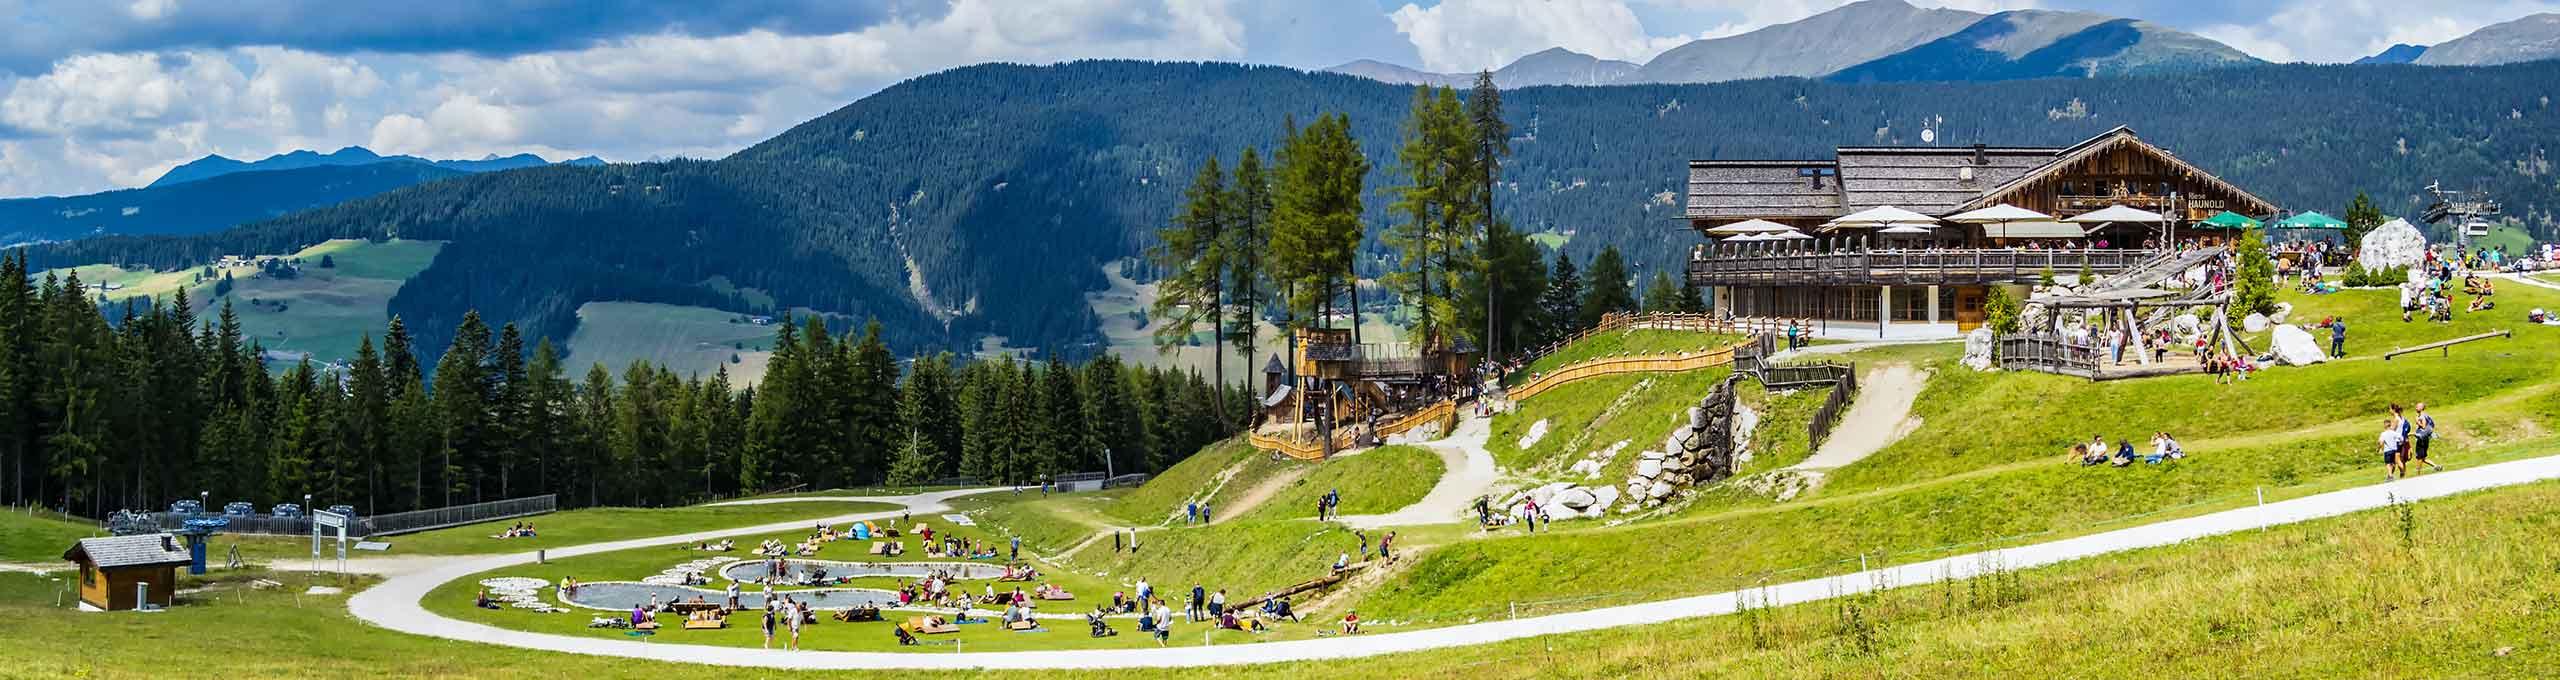 San Candido, Trentino Alto Adige